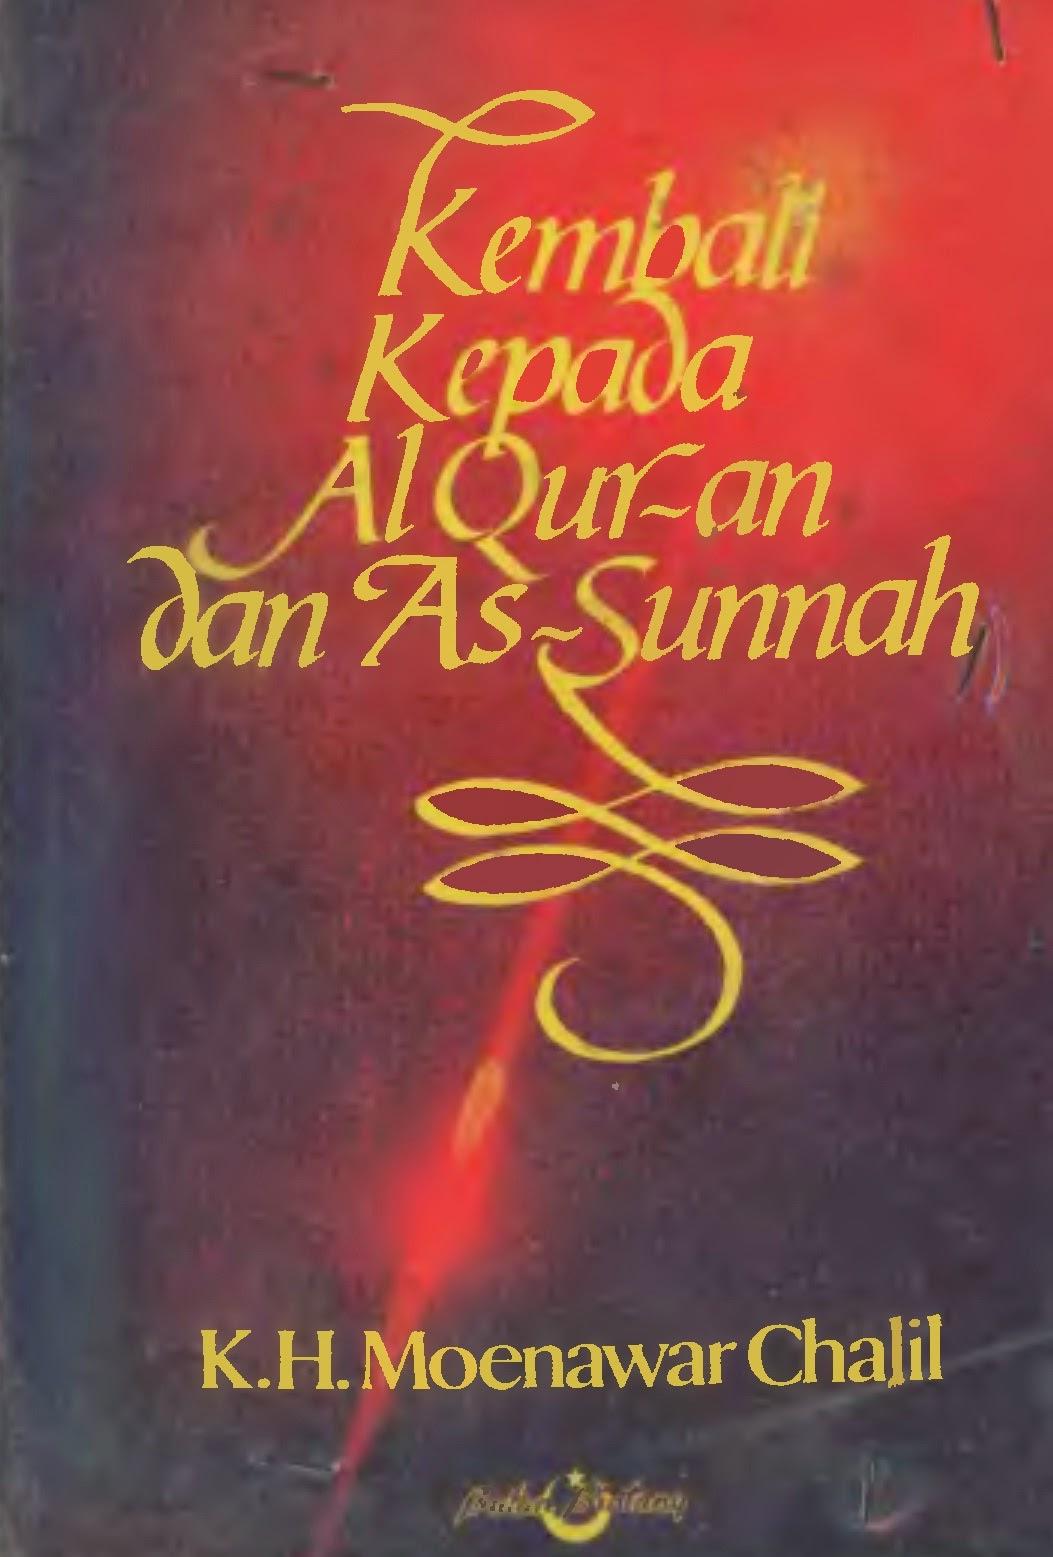 Kembali ke al-Quran dan as-Sunnah